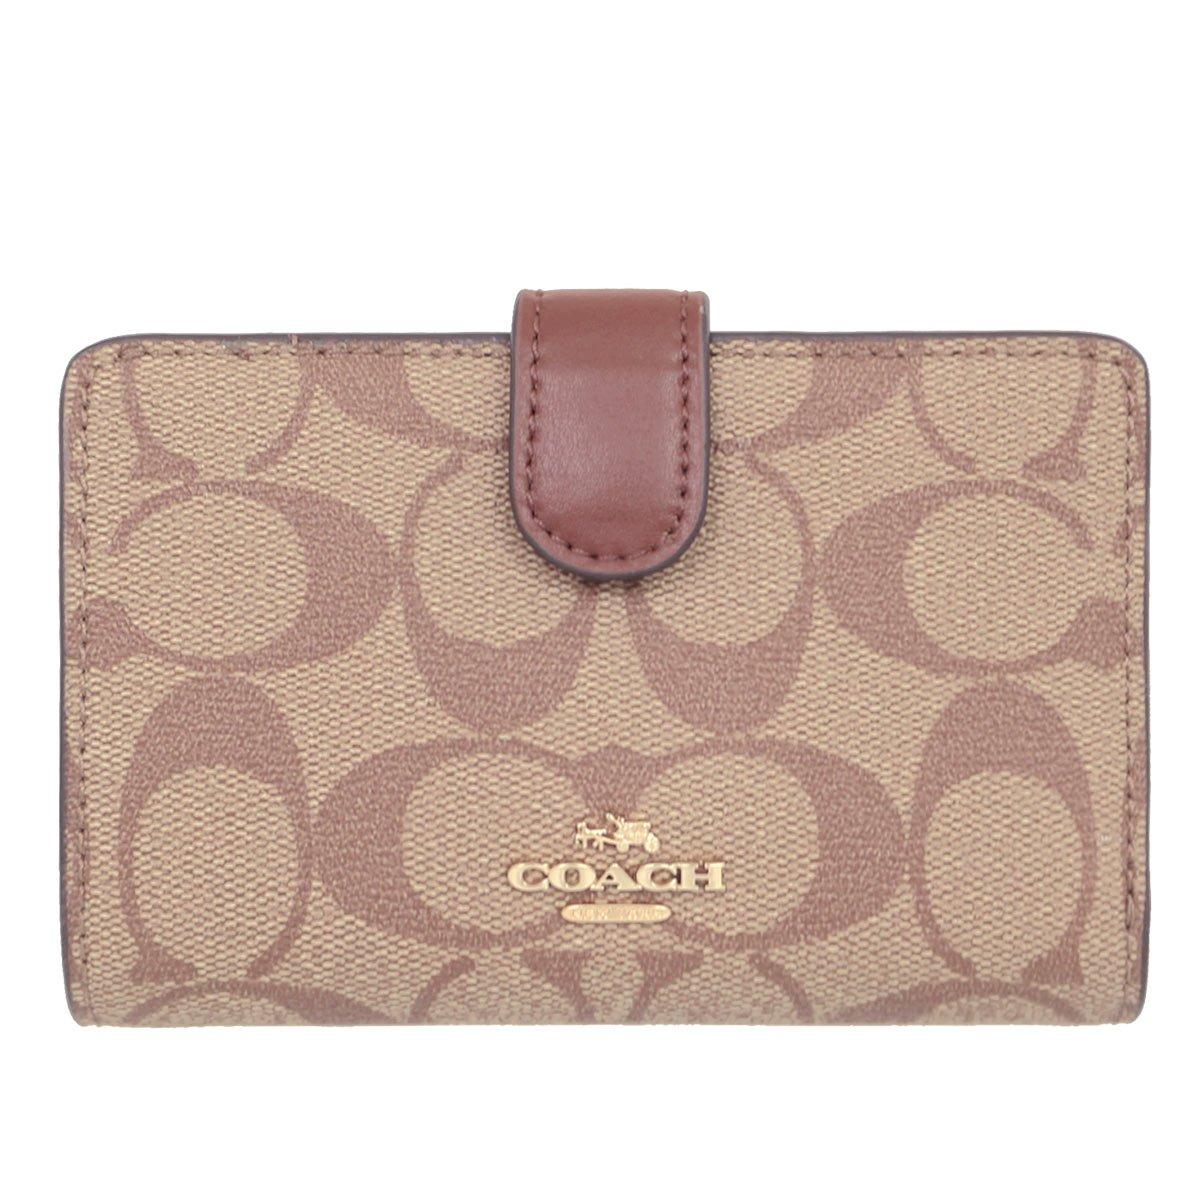 [コーチ] COACH 財布 (二つ折り財布) F23553 シグネチャー 二つ折り財布 レディース [アウトレット品] [並行輸入品] B077KFJS7T カーキ×サドル2 カーキ×サドル2